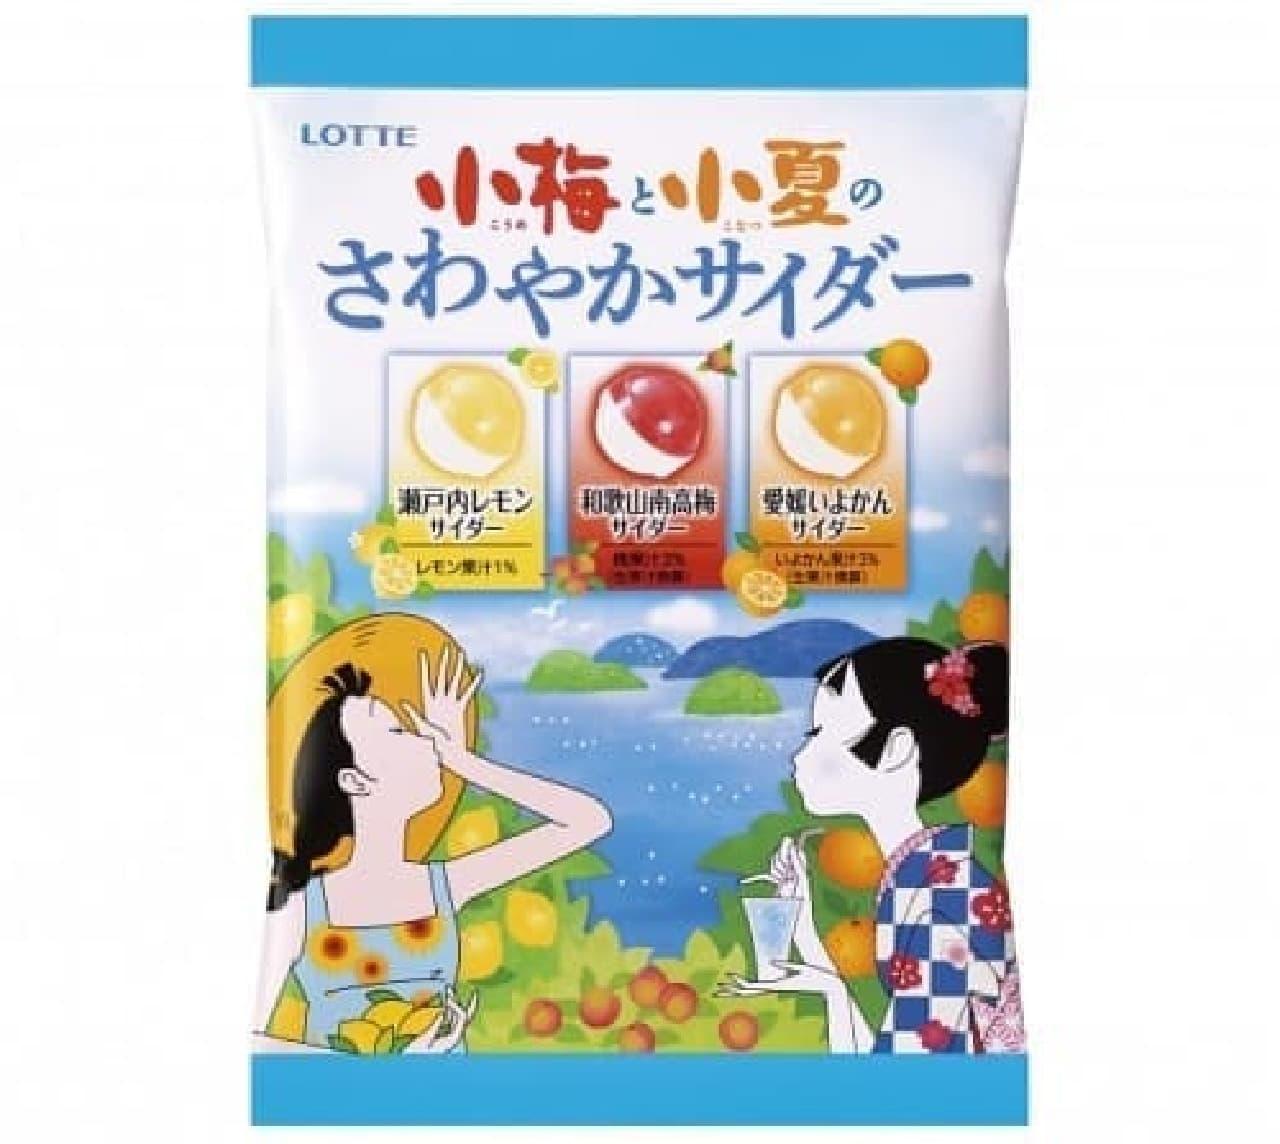 ロッテ「小梅と小夏のさわやかサイダー(袋)」